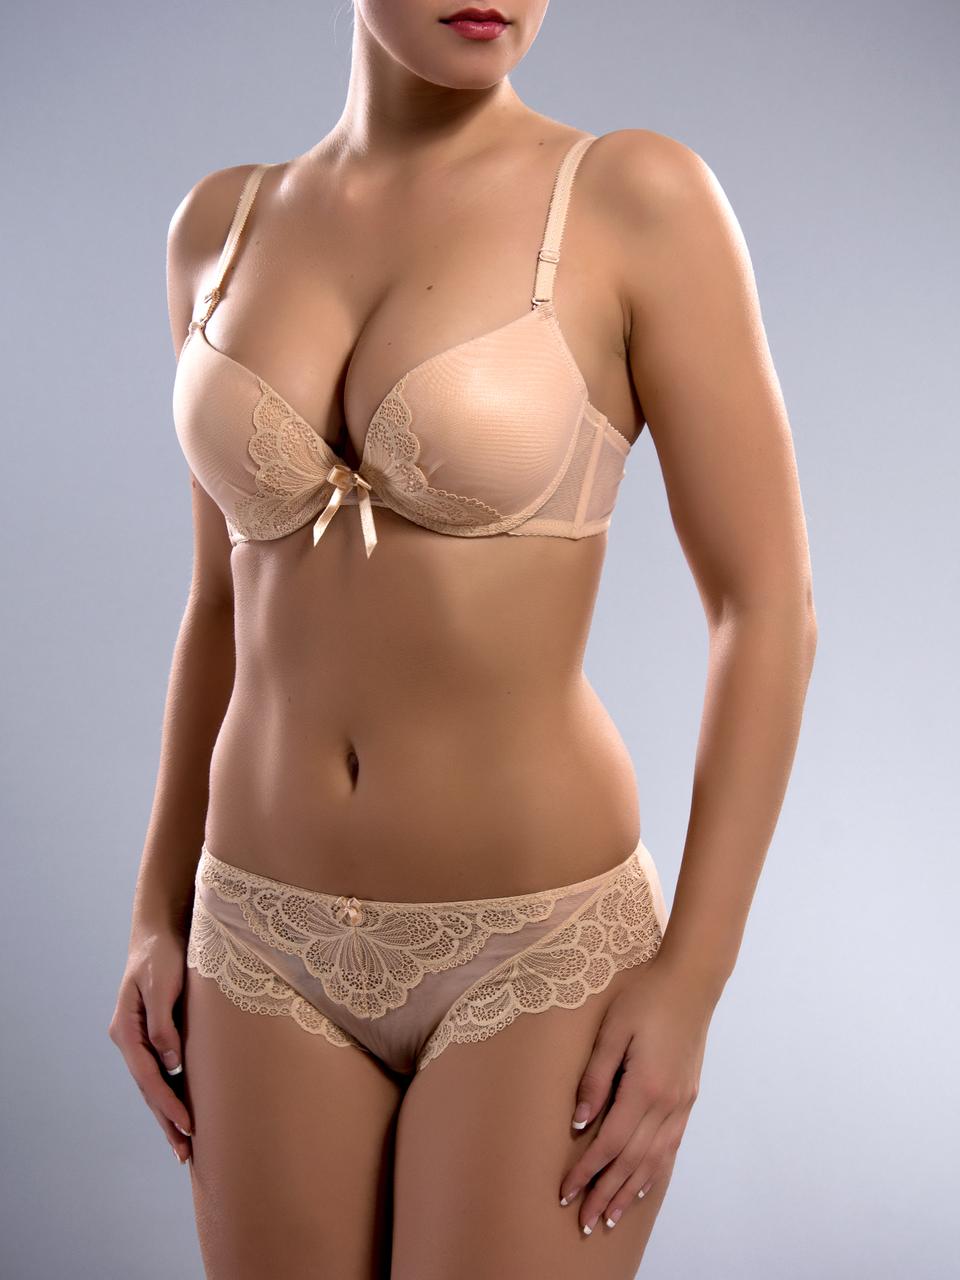 Комплект женского нижнего белья Acousma A6419BC-P6419H, цвет Бежевый, размер 75C-M